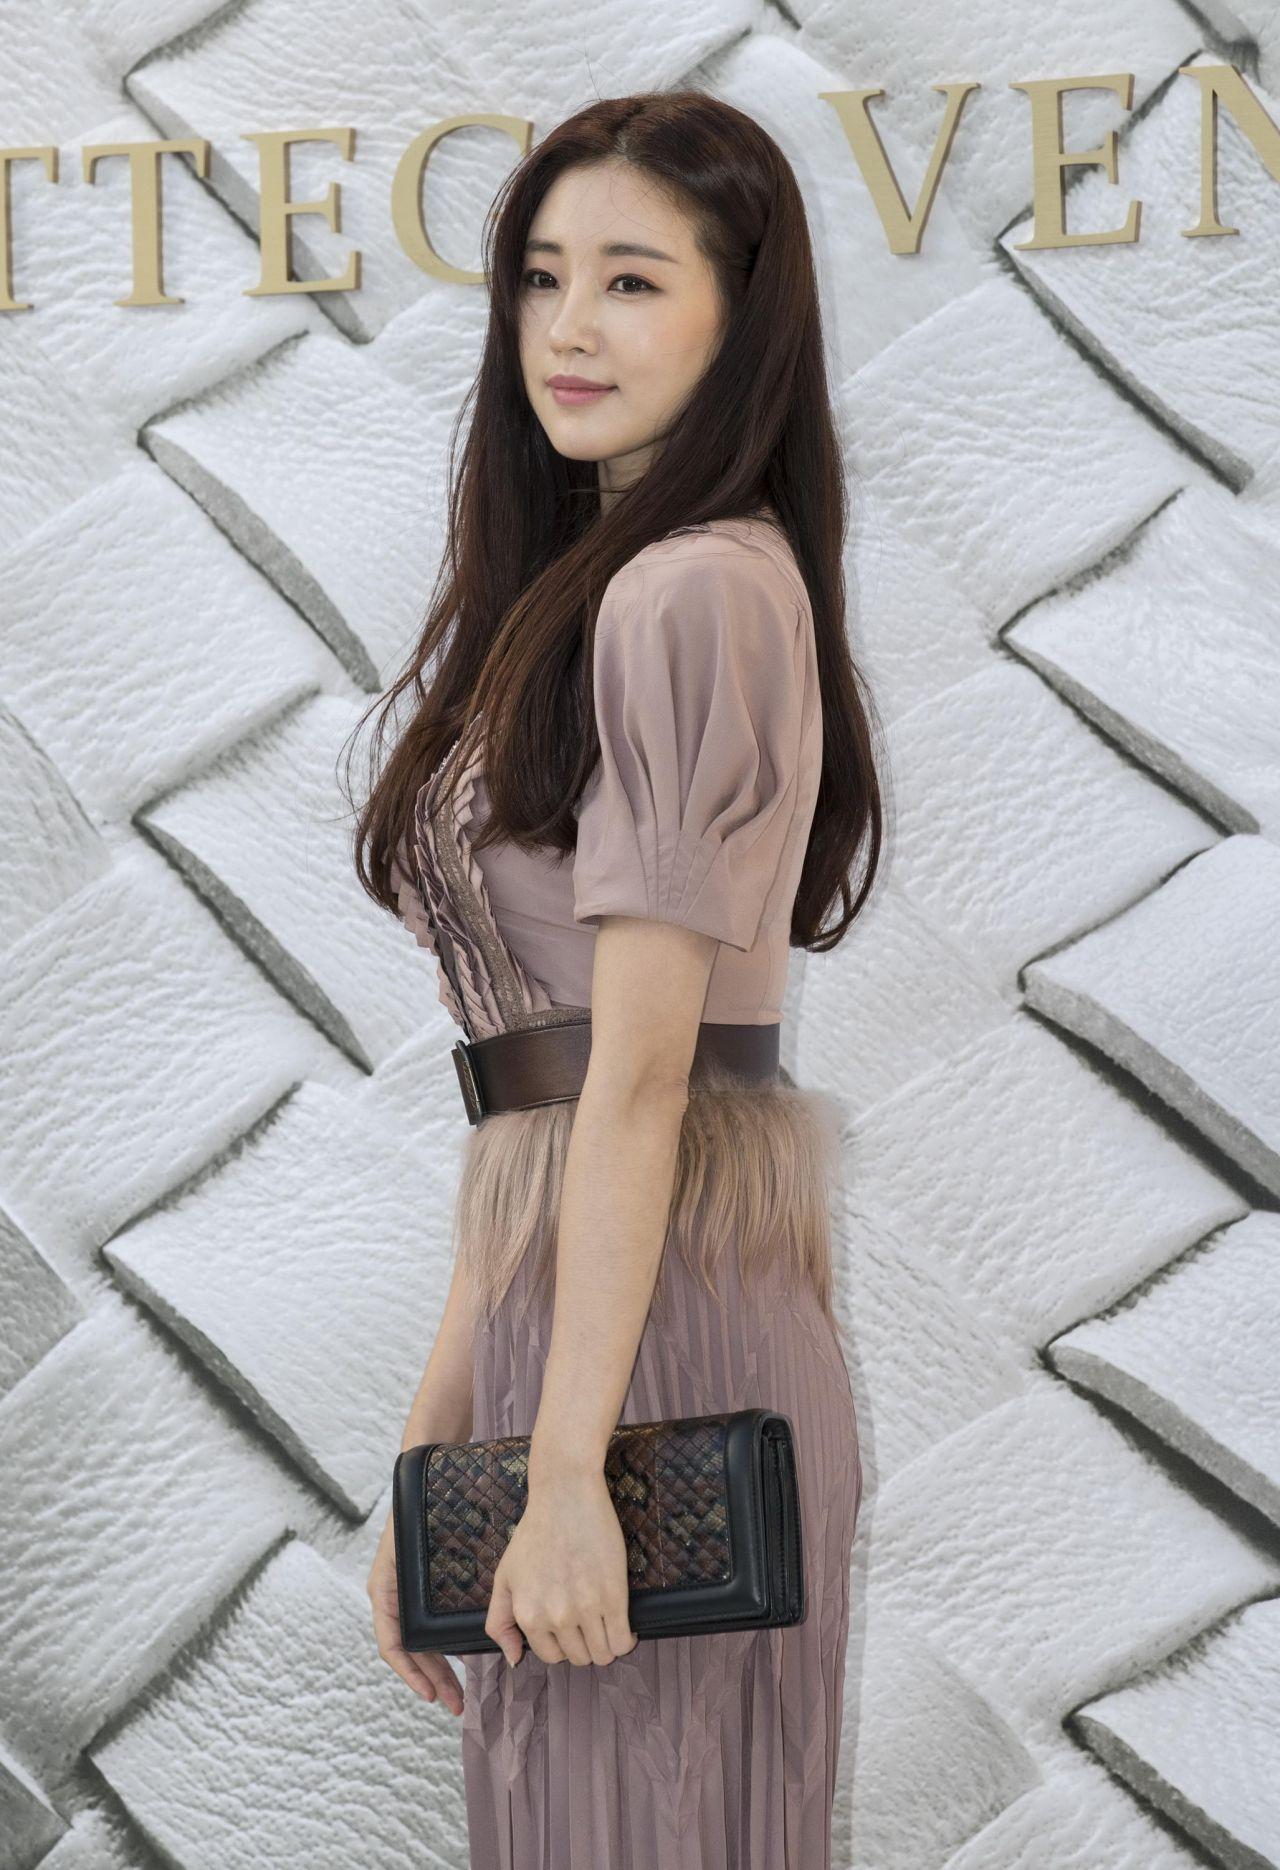 Sa-rang Kim nude 752